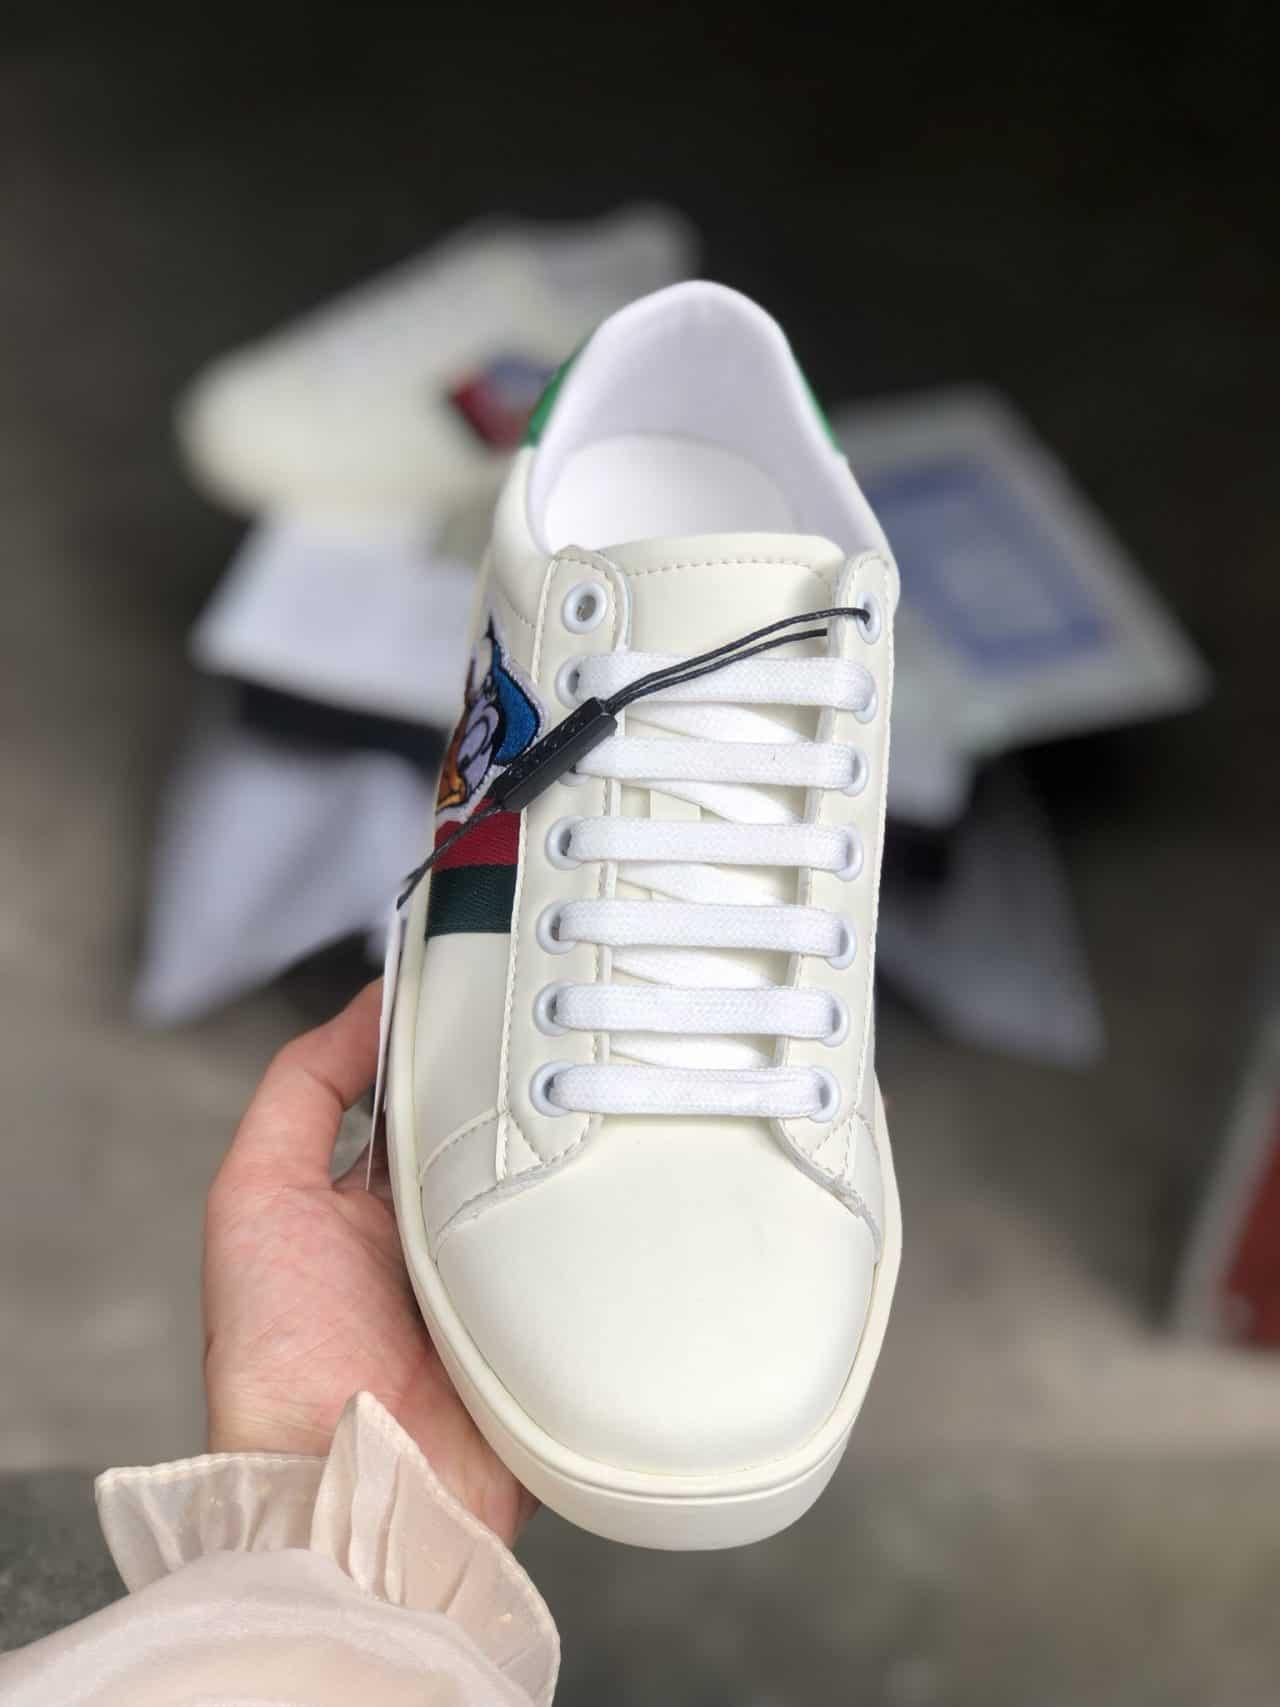 Giày Gucci là món quà dành cho những tín đồ tinh tế trong gu ăn mặc